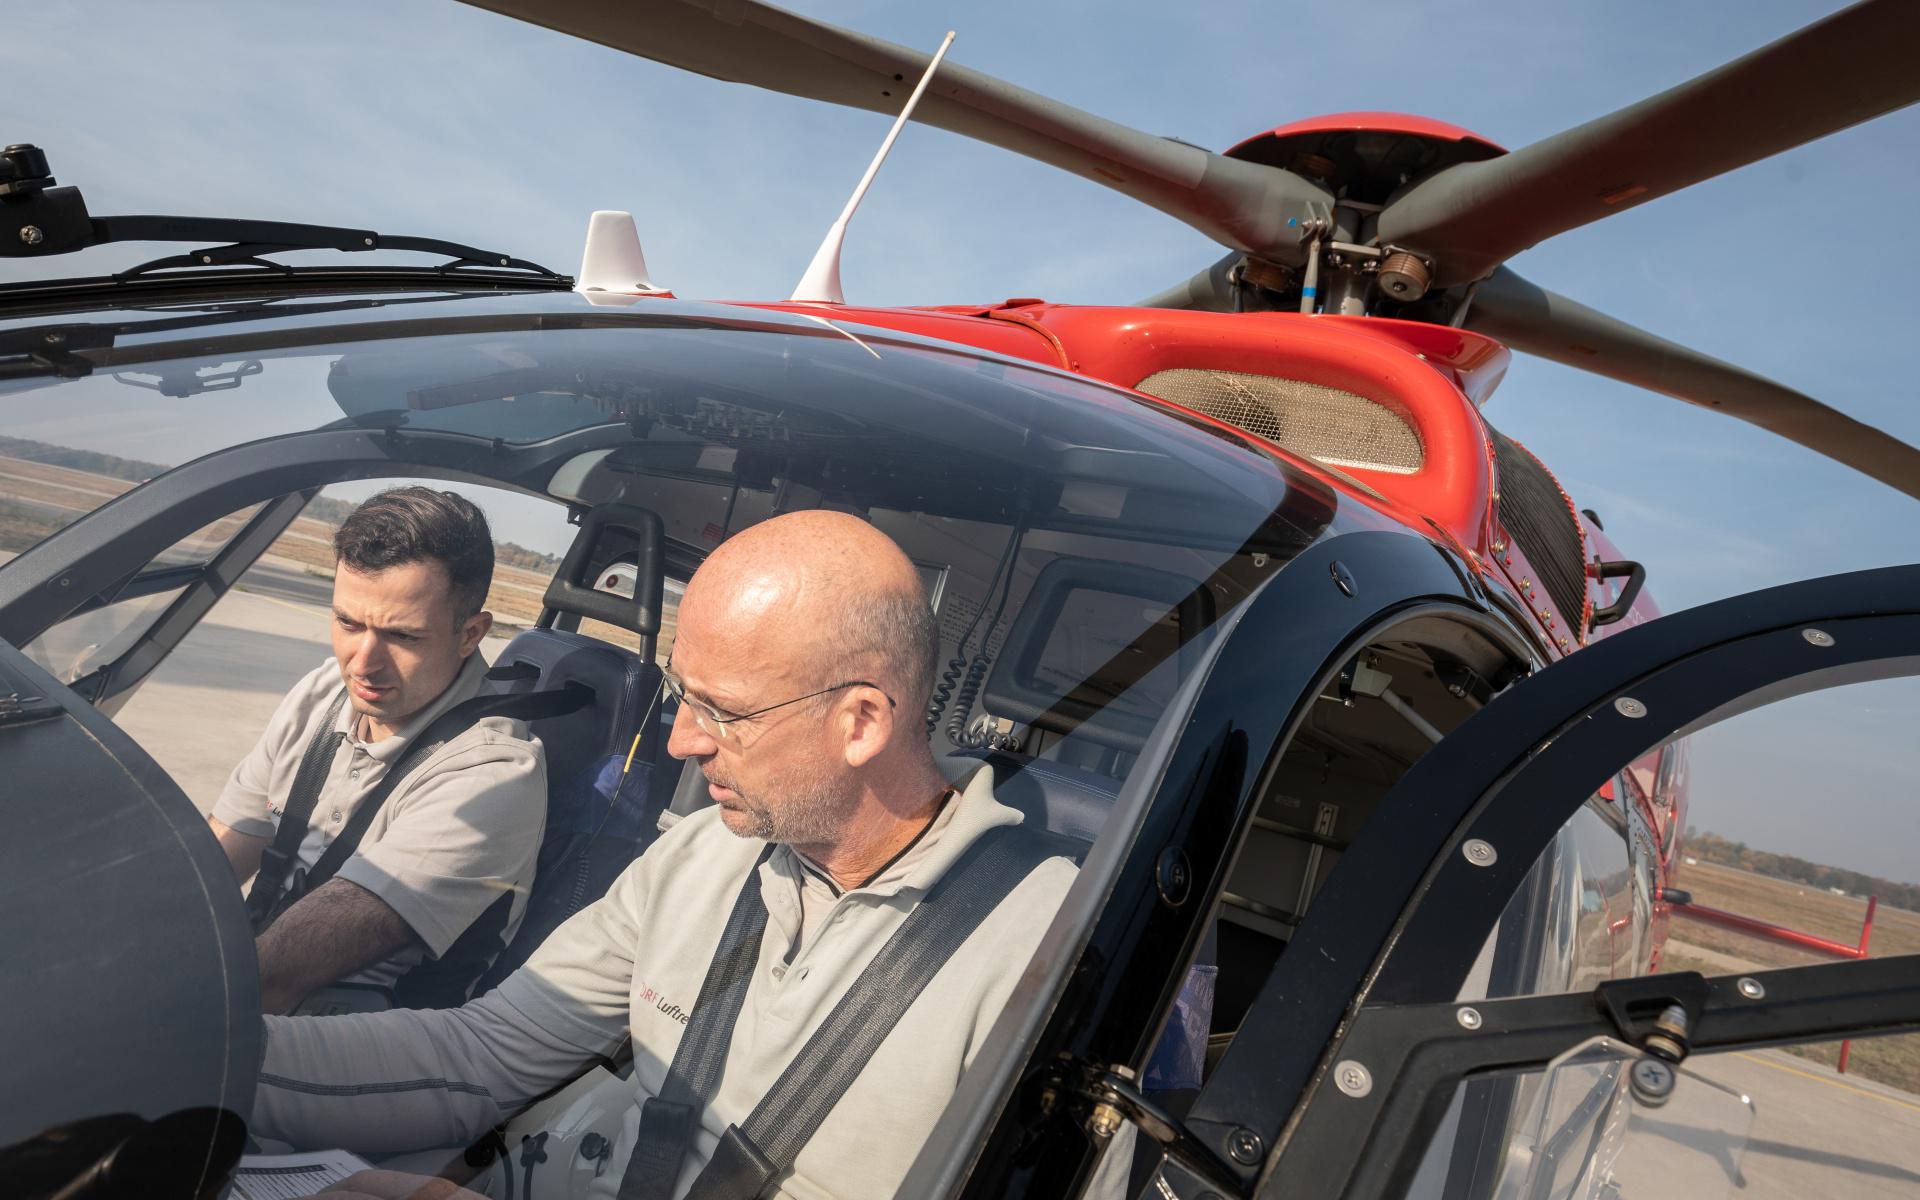 """Als leidenschaftlicher Musiker schwört Sebastian Fuhr bei den Checks auch auf sein Gehör: """"Ich achte genau darauf, welche Geräusche der Hubschrauber während des Fluges von sich gibt. Man hat durch das genaue Hinhören auf die Geräusche zum Beispiel eine grobe Idee was die Drehzahl der Triebwerke und die des Rotors macht – bevor man auf die Anzeigen im Cockpit schaut."""""""